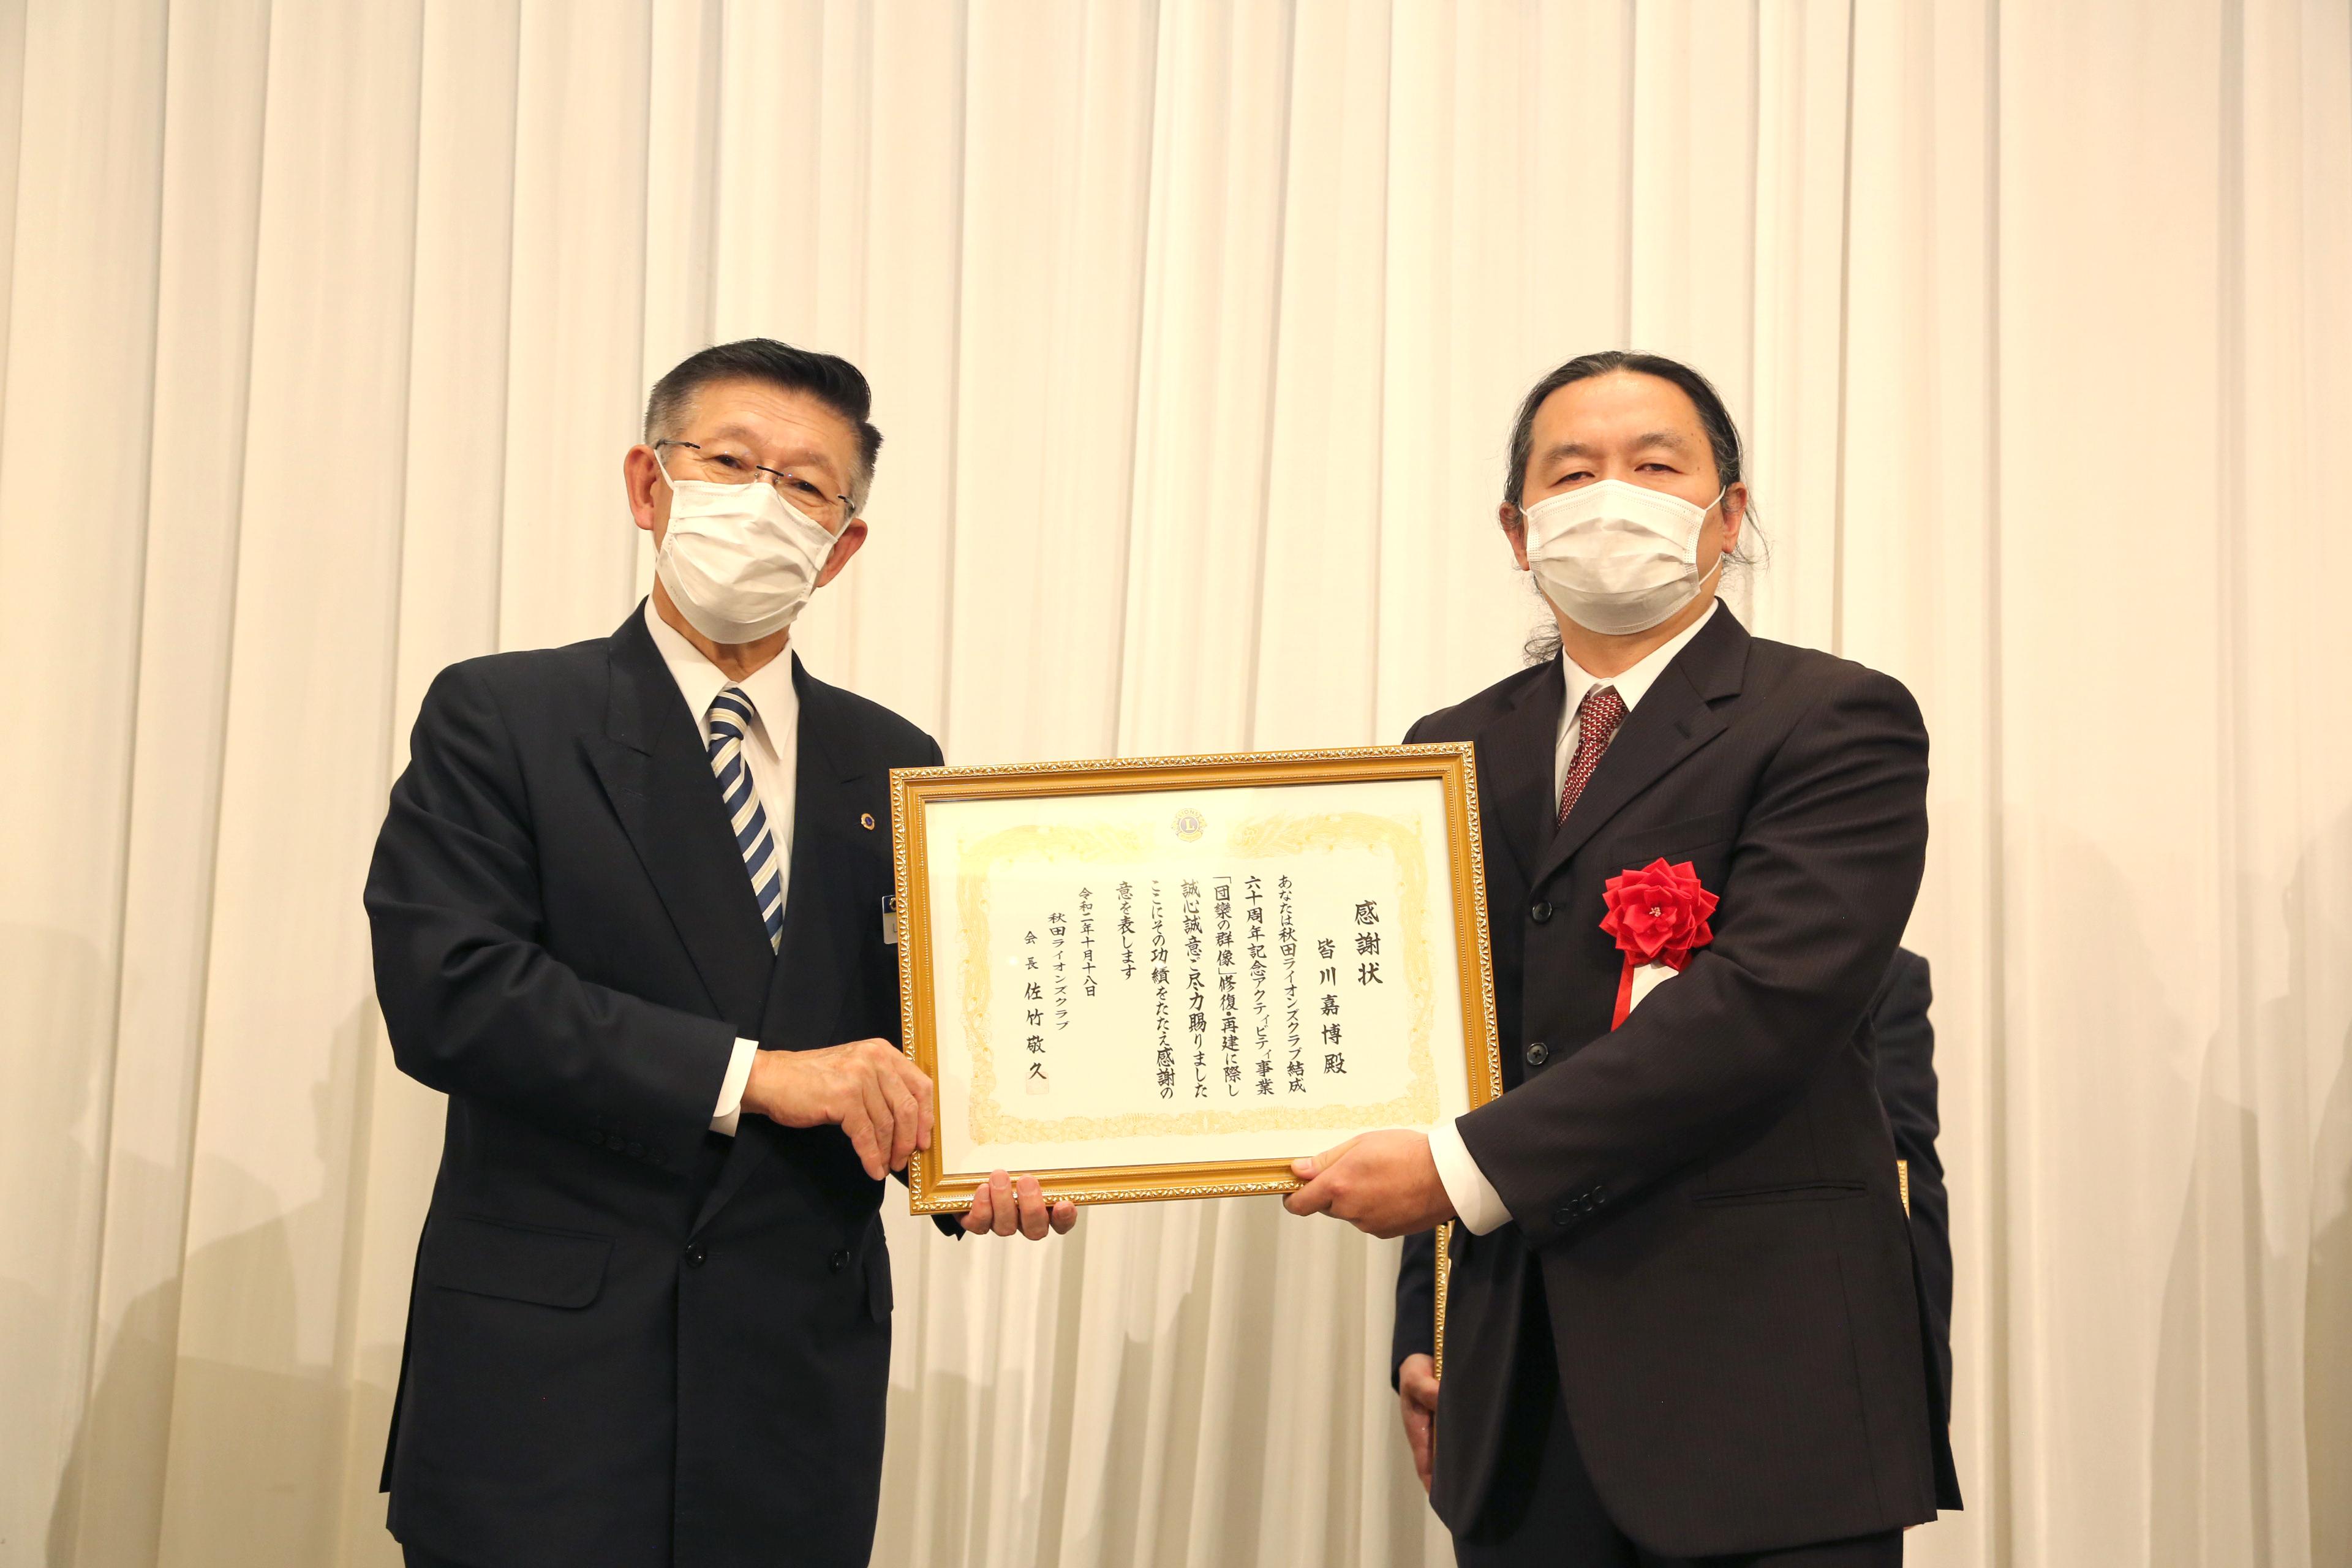 皆川嘉博准教授(アーツ&ルーツ専攻)が秋田県知事より感謝状を授与